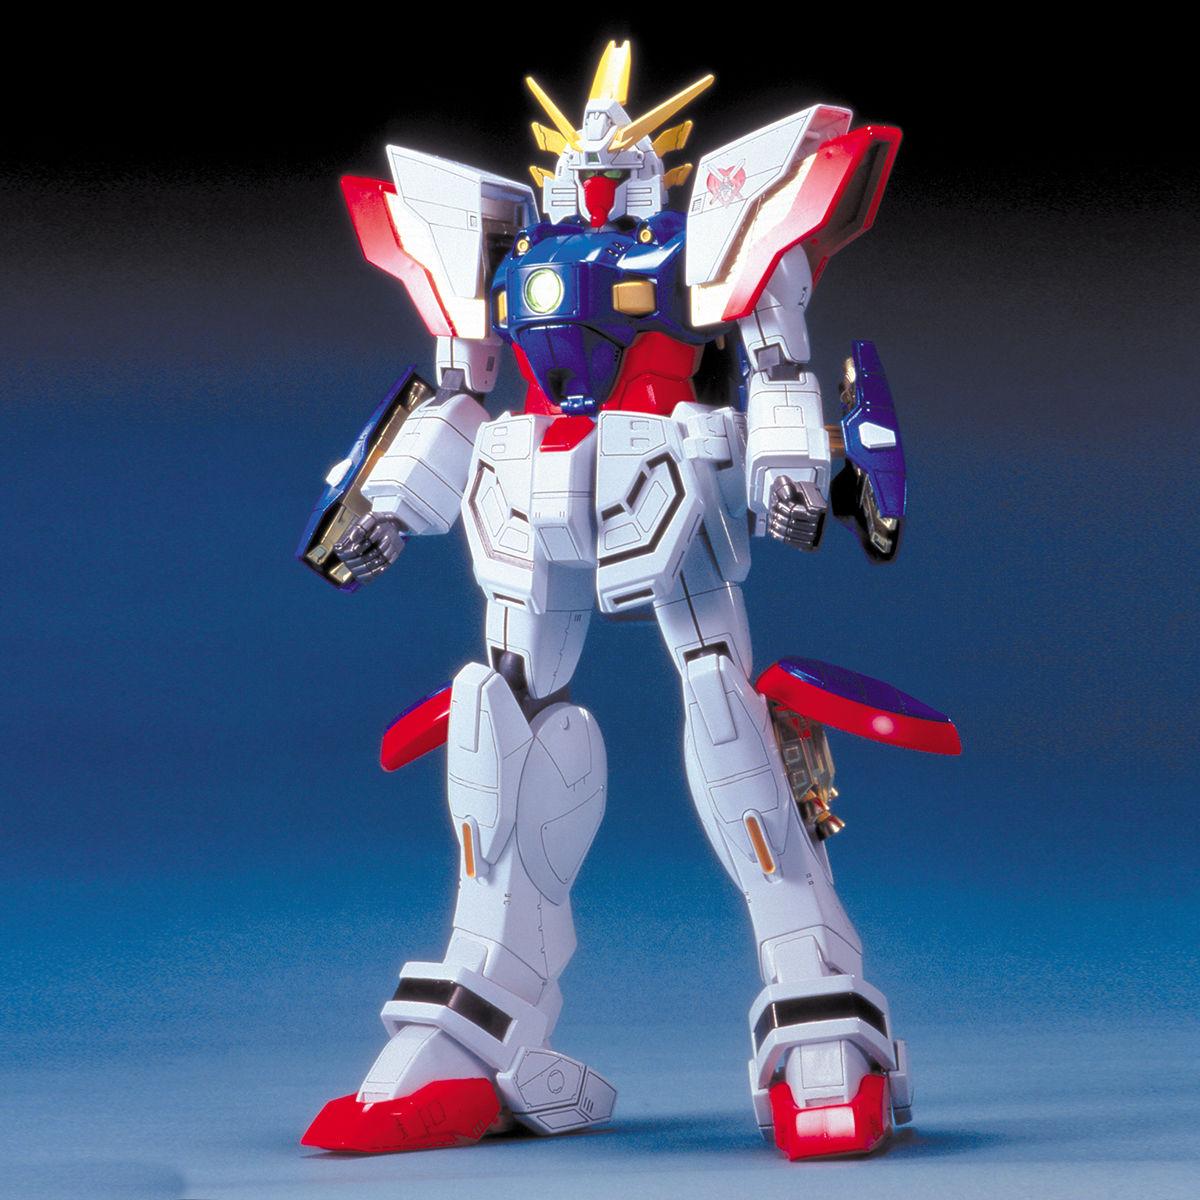 868441/60 GF13-017NJ シャイニングガンダム [Shining Gundam]